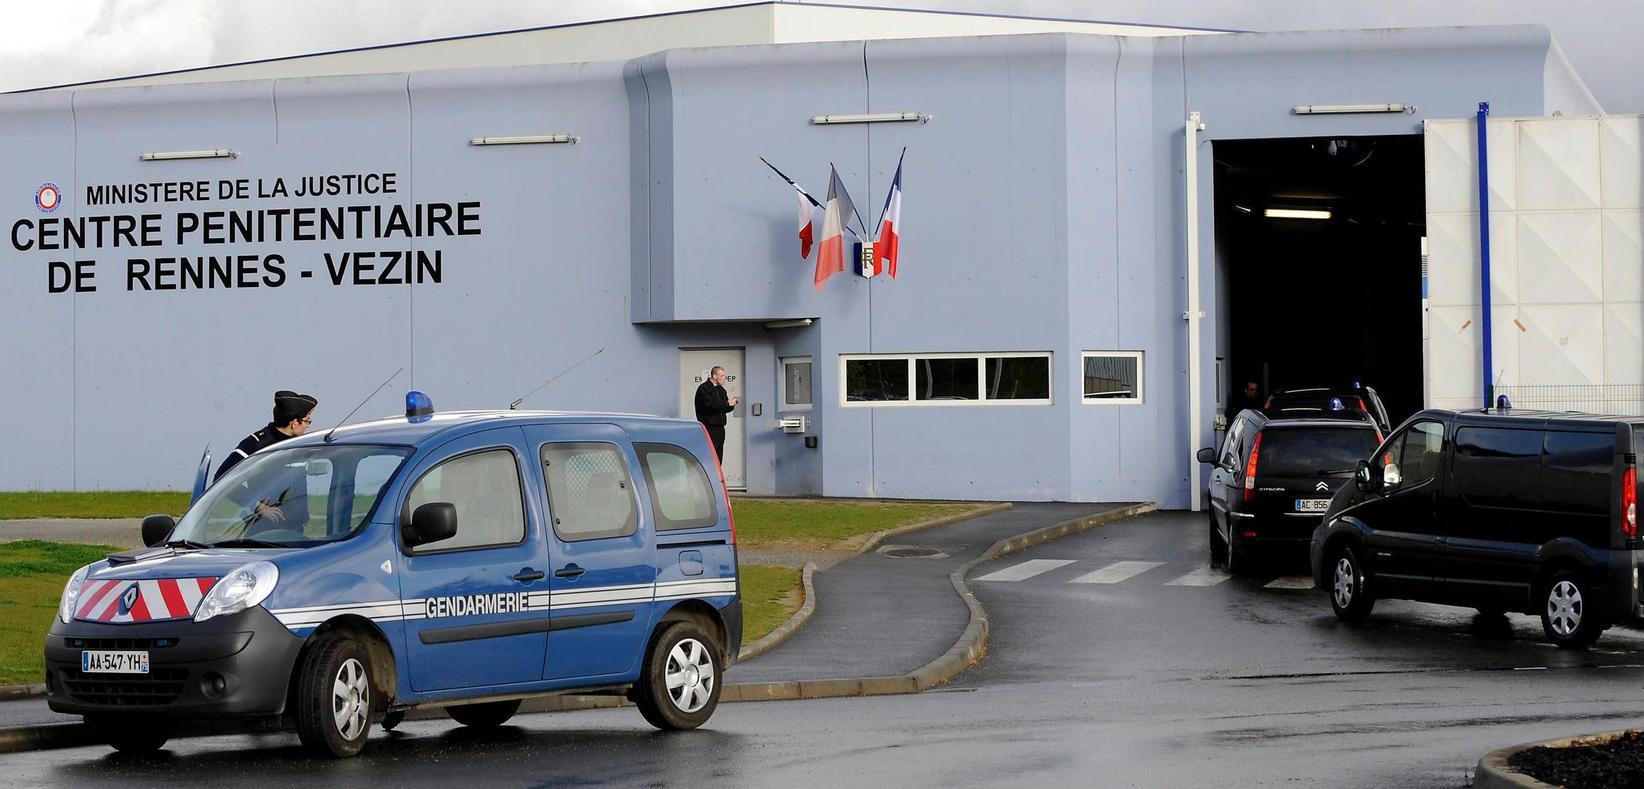 Solenne Durox,Notre Correspondante À Rennes